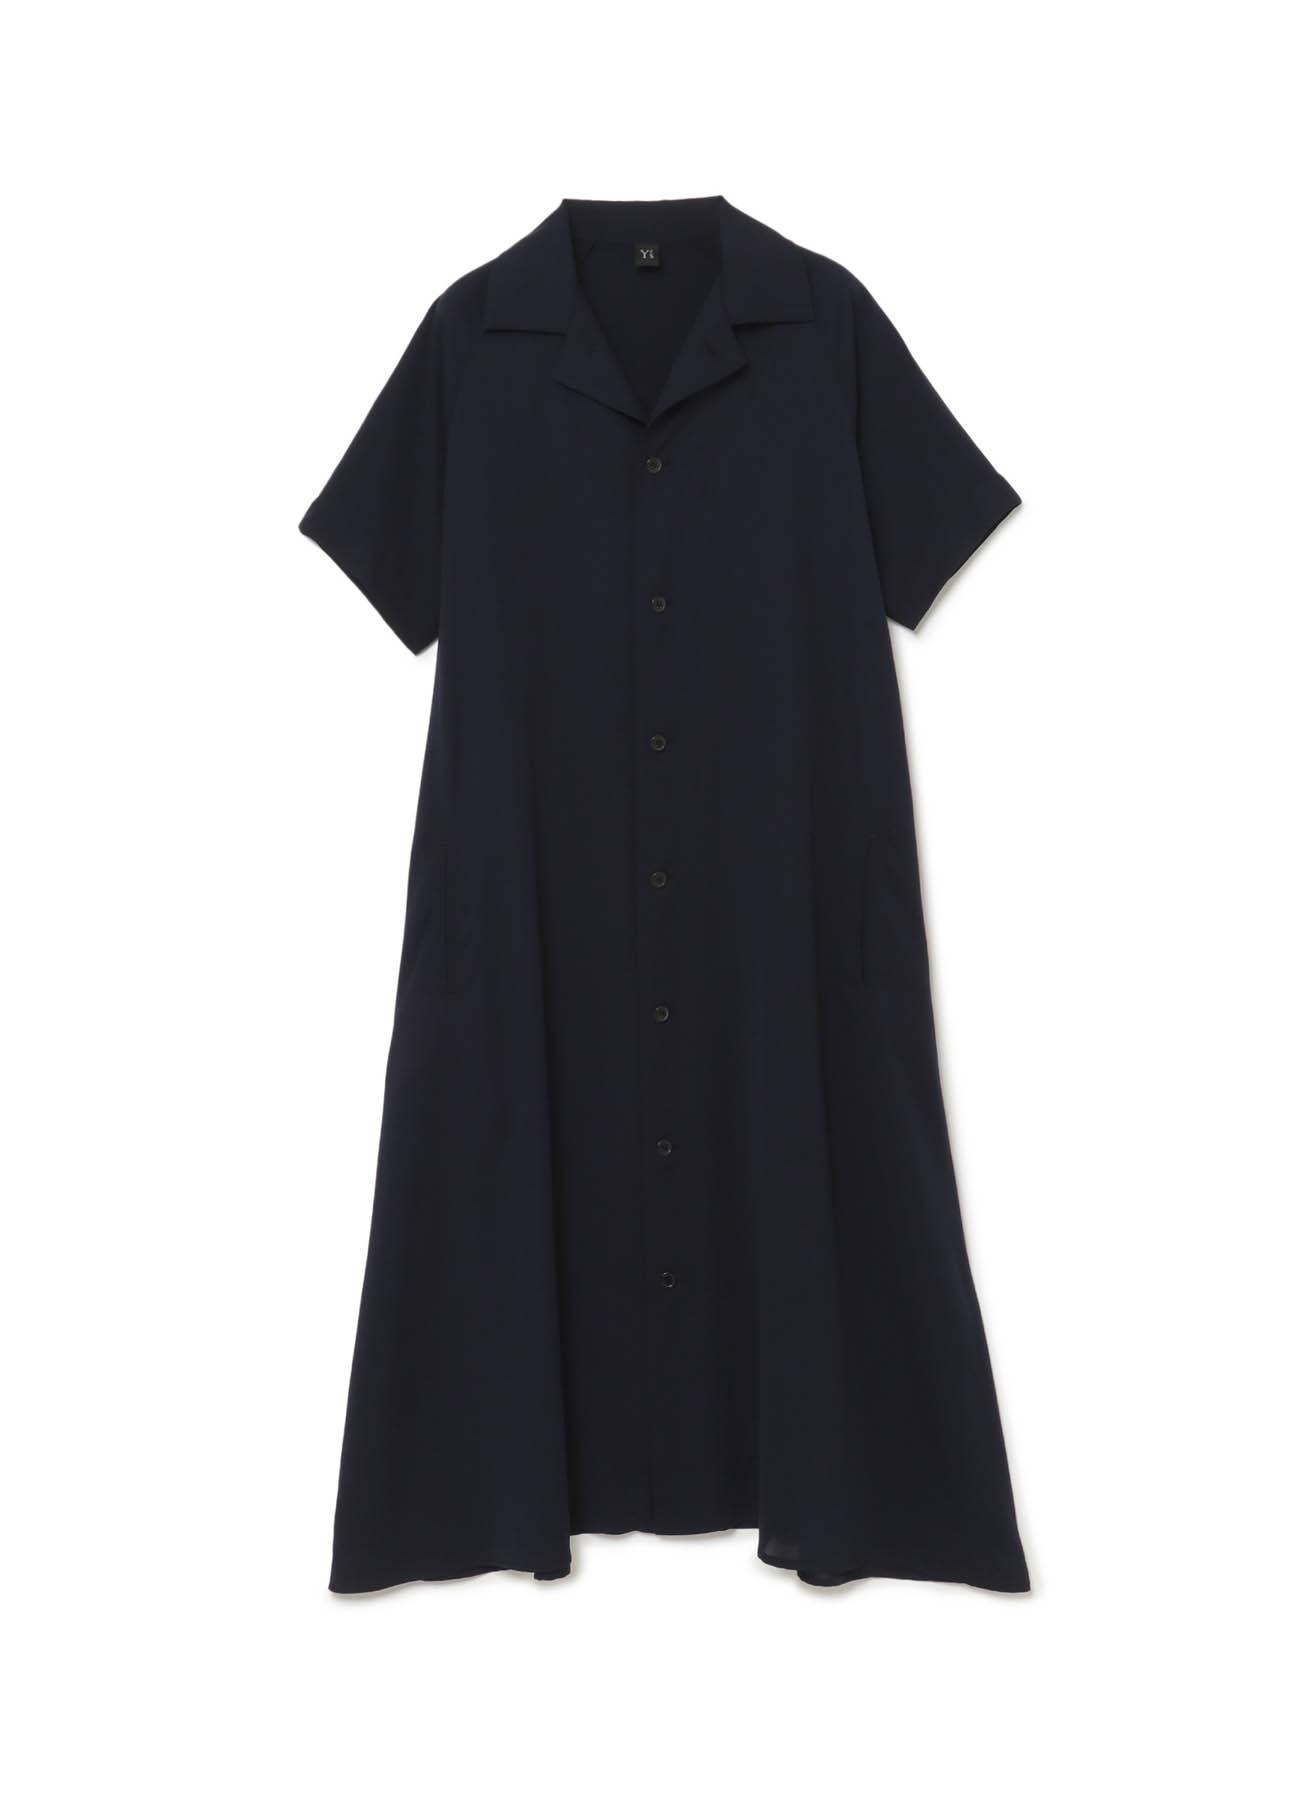 トリアセテート×ポリエステル 半袖シャツドレス